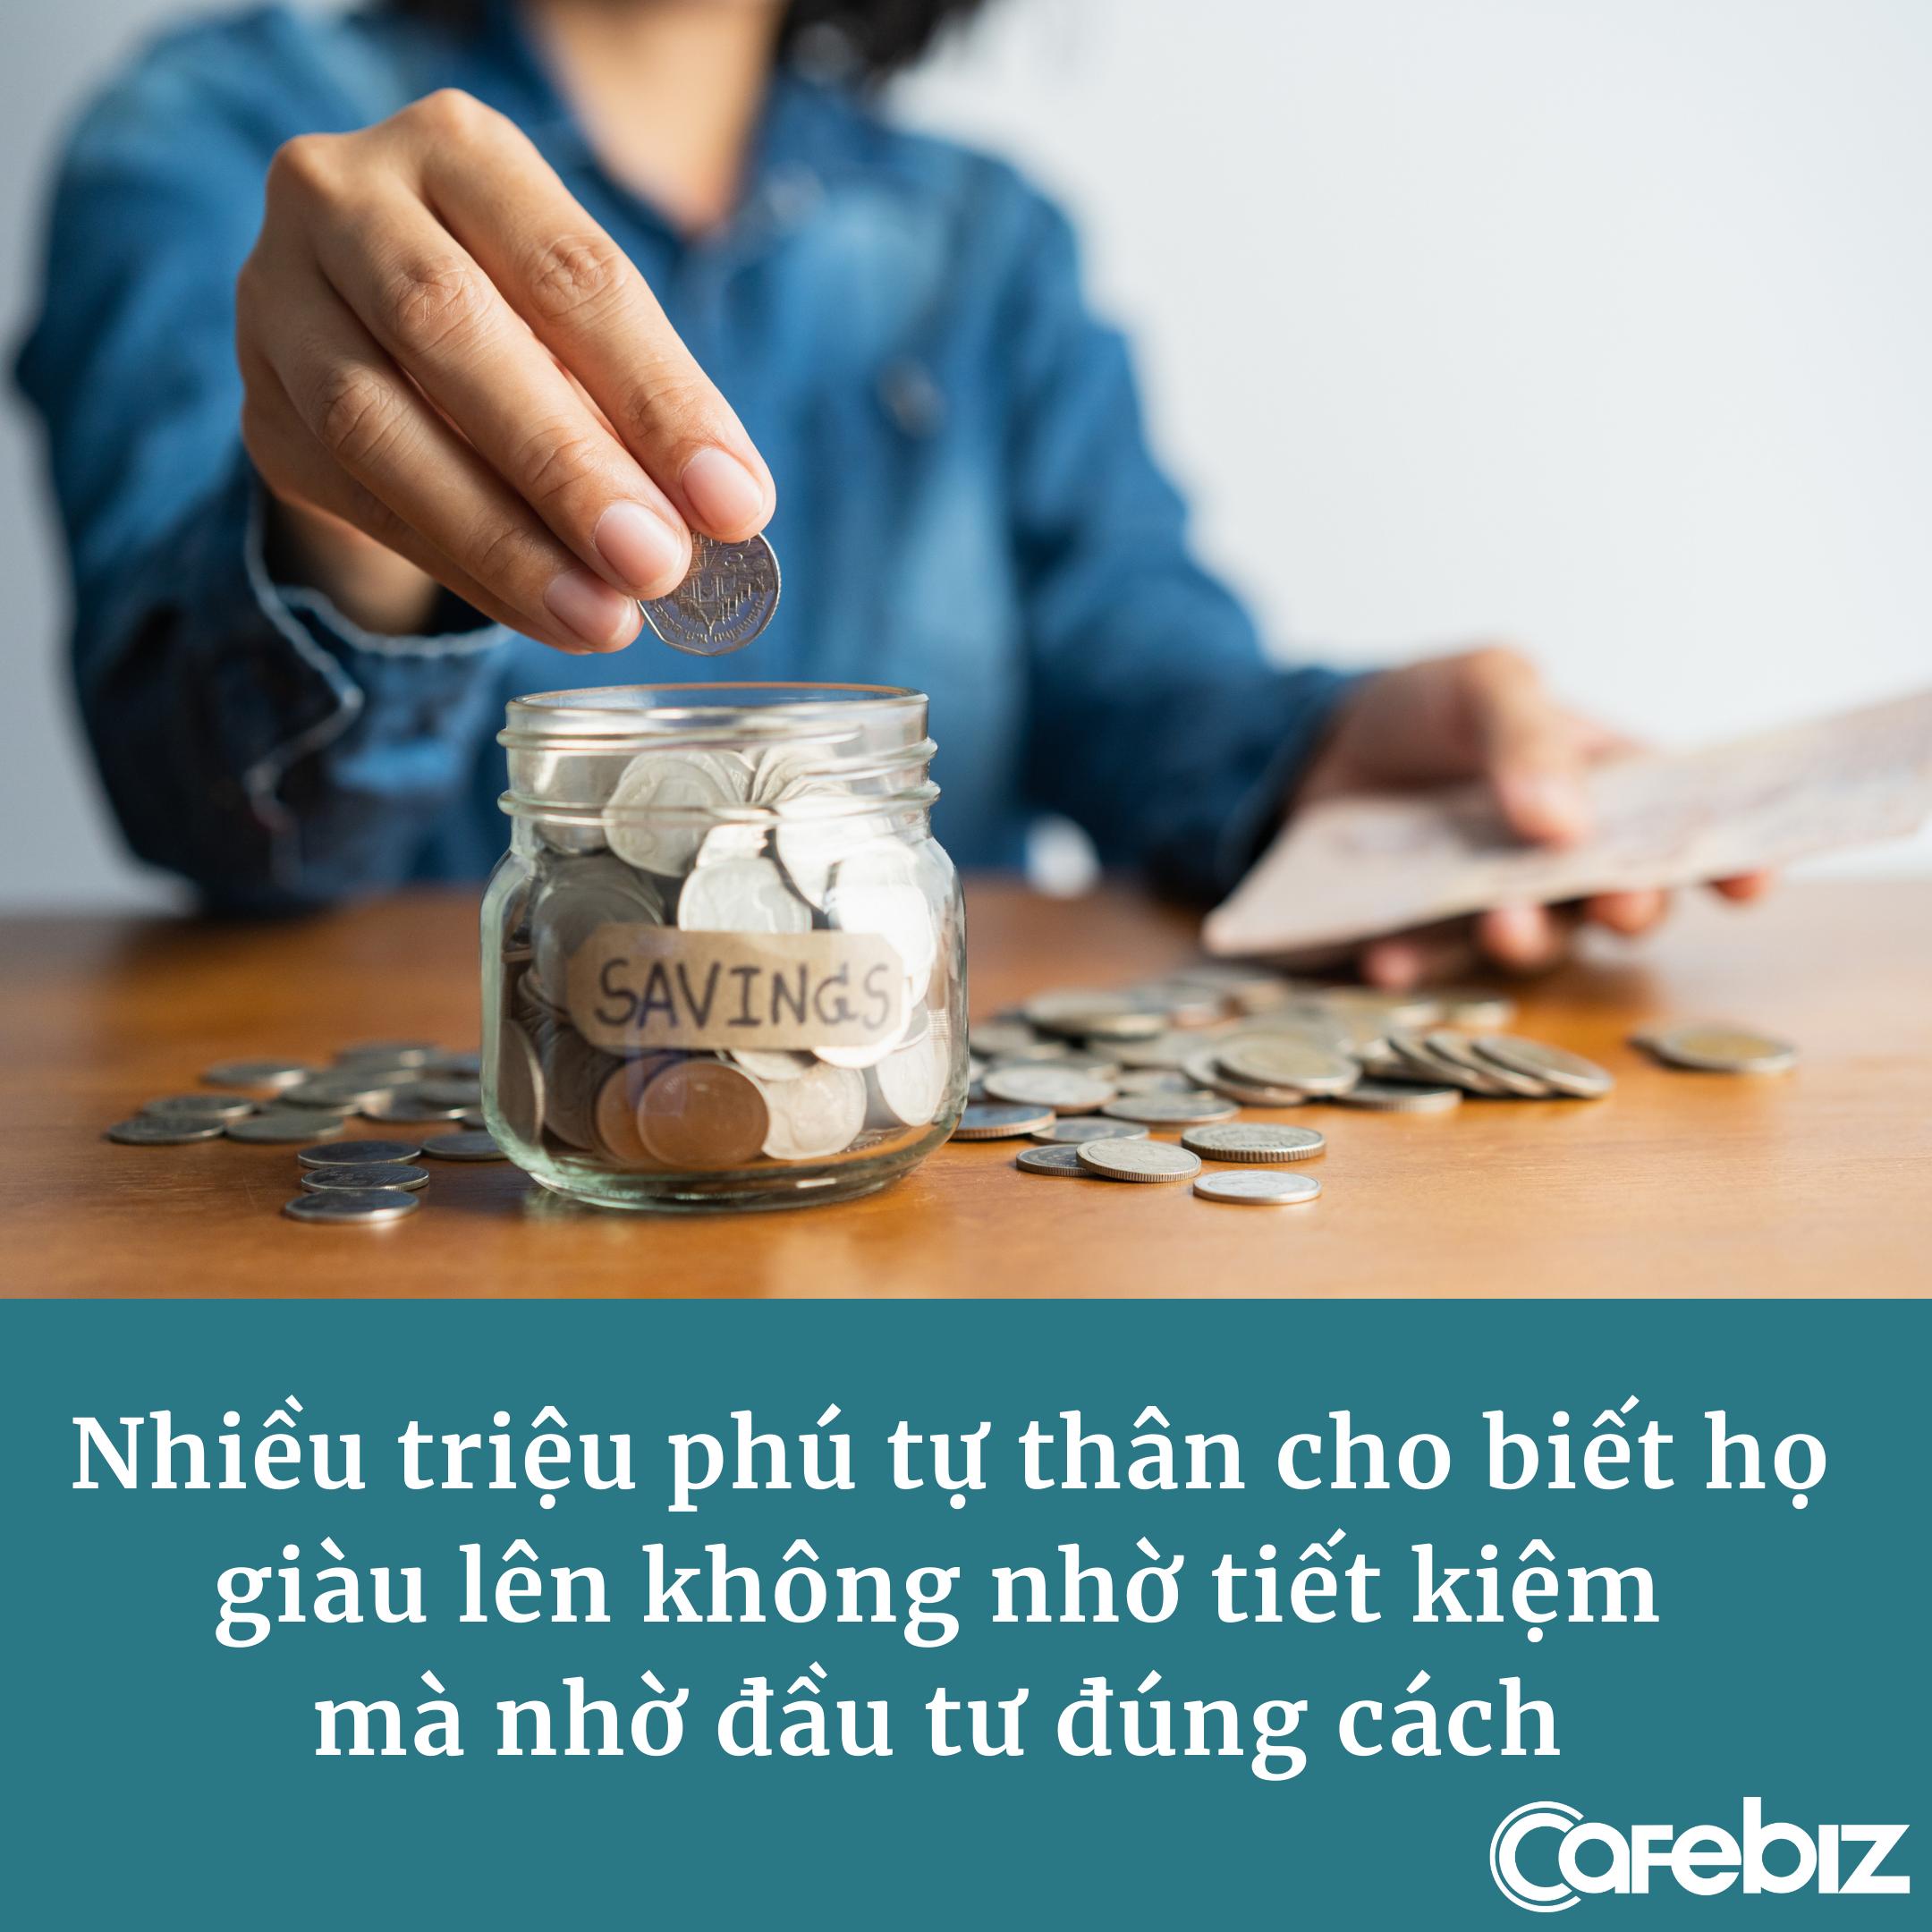 'Sai lầm tiền bạc năm 20 tuổi của tôi: Vung quá nhiều tiền vào trà sữa, không dám deal lương, thưởng với sếp' - Ảnh 3.